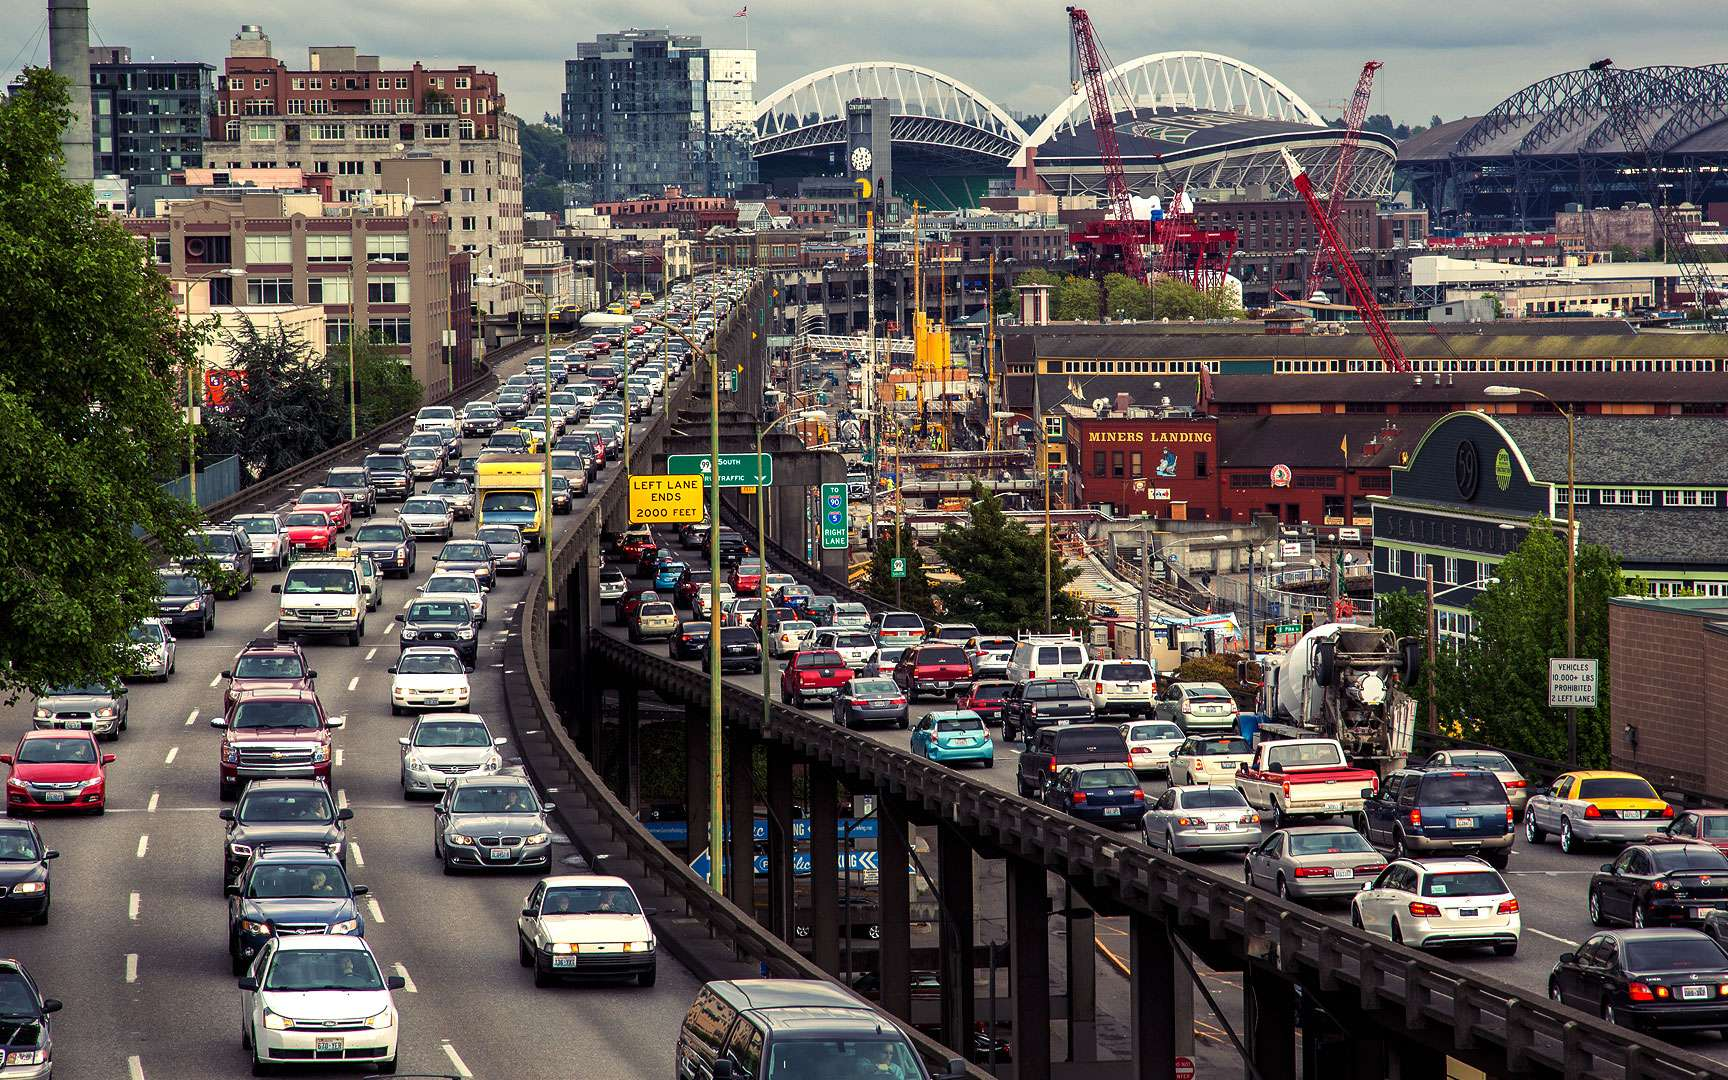 ¿Cómo se forman los atascos de tráfico?